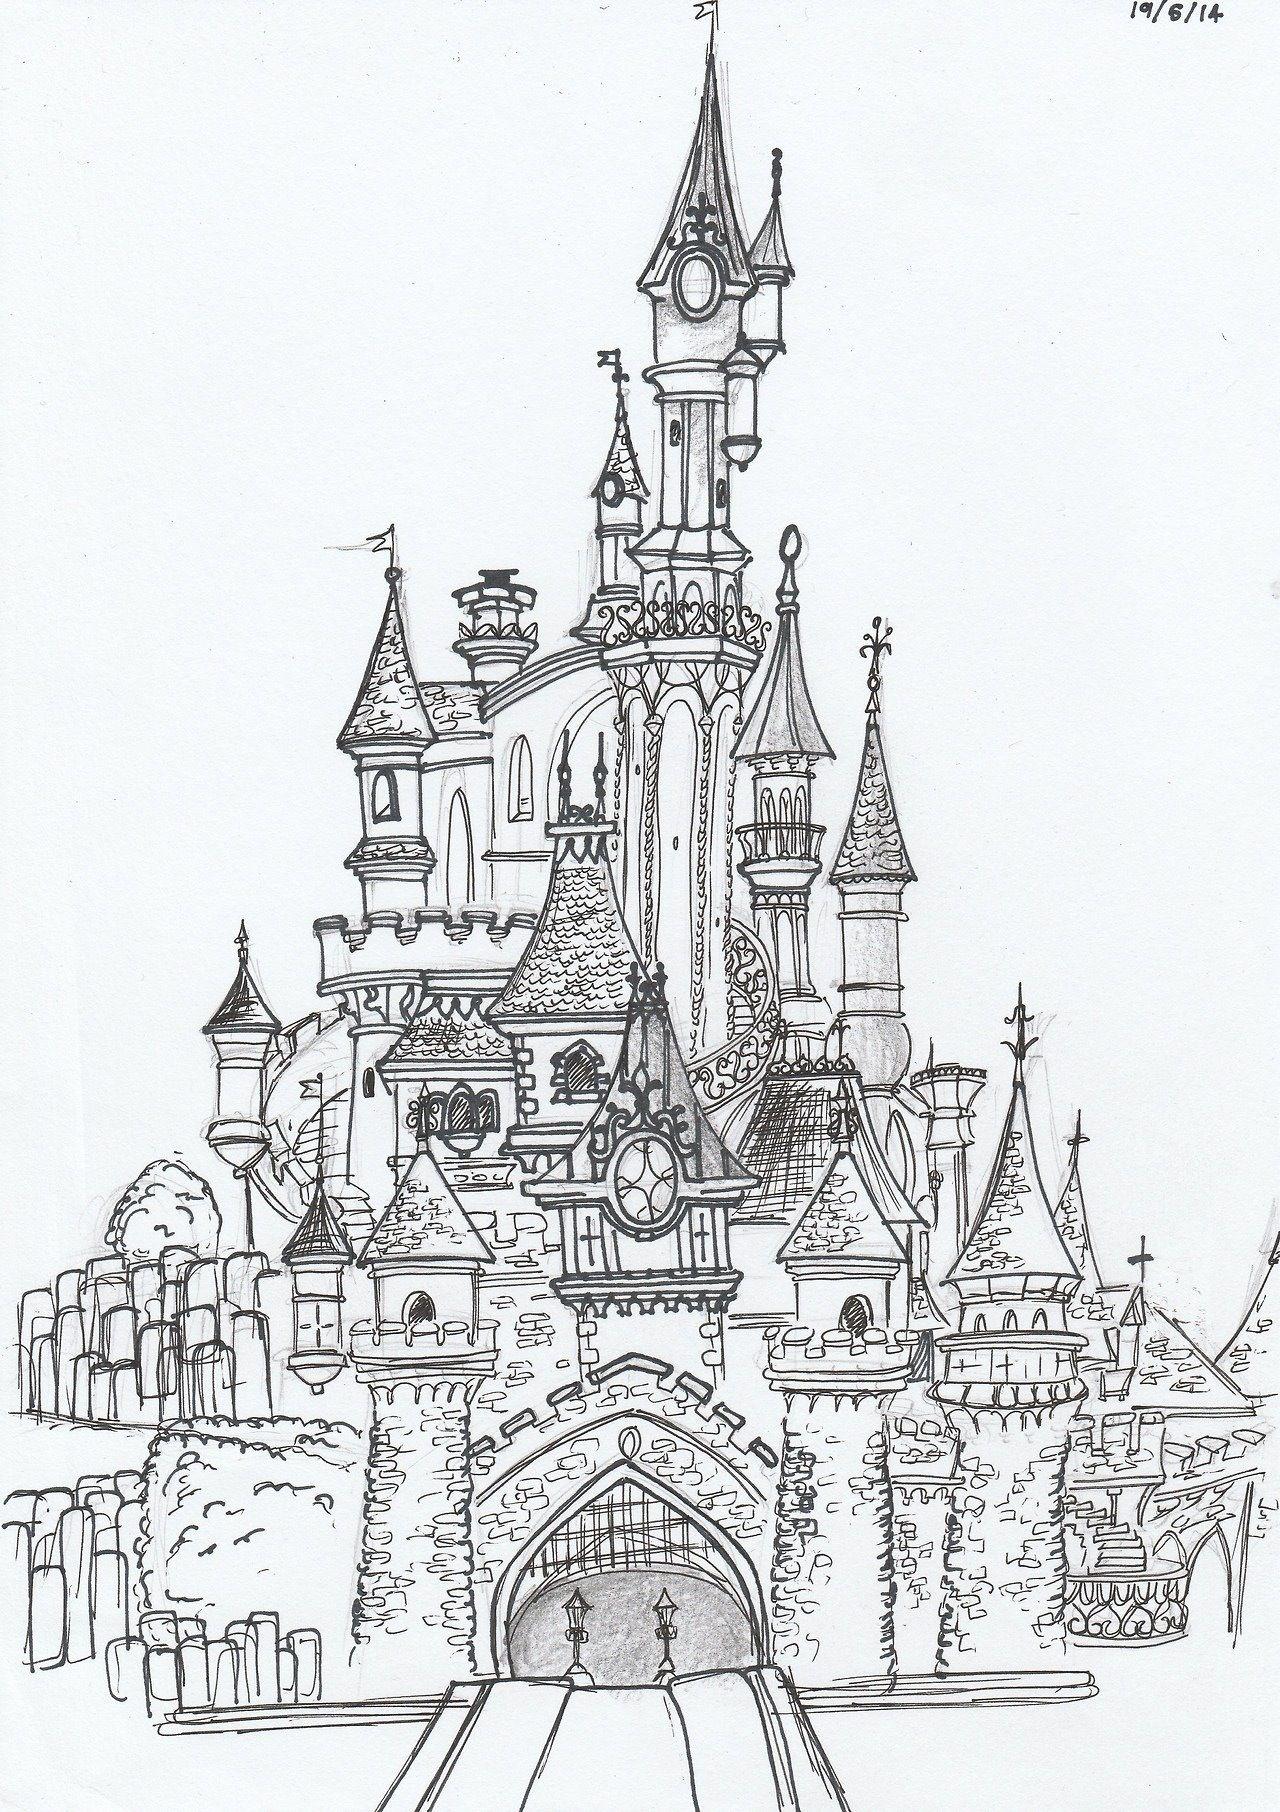 Pin by Laura En La Nube on Disney  Disney castle drawing, Castle